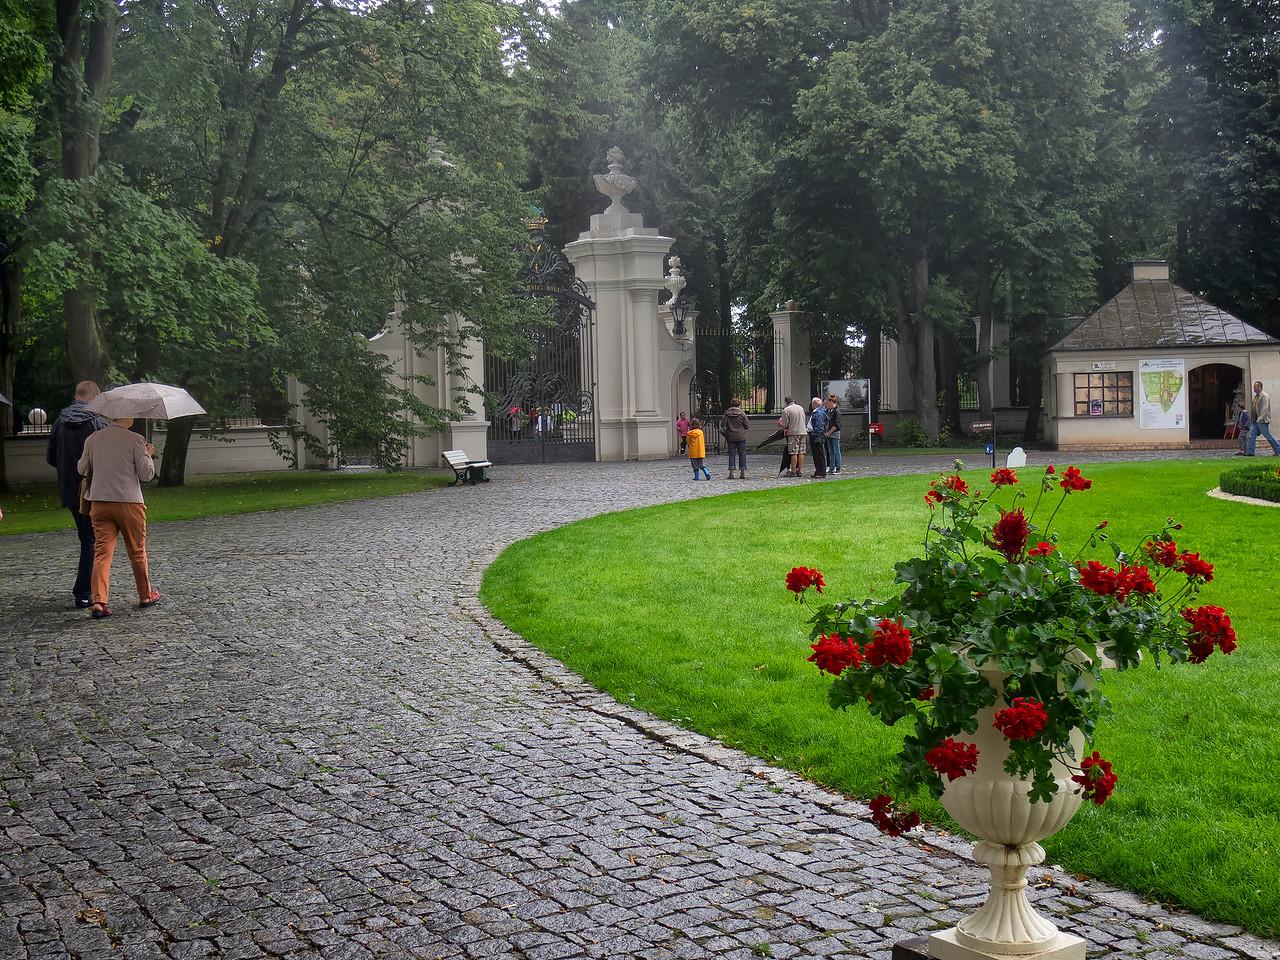 The Zamoyski Palace in Kozłówka, Polska / Pałac Zamoyskich w Kozłówce, Polska